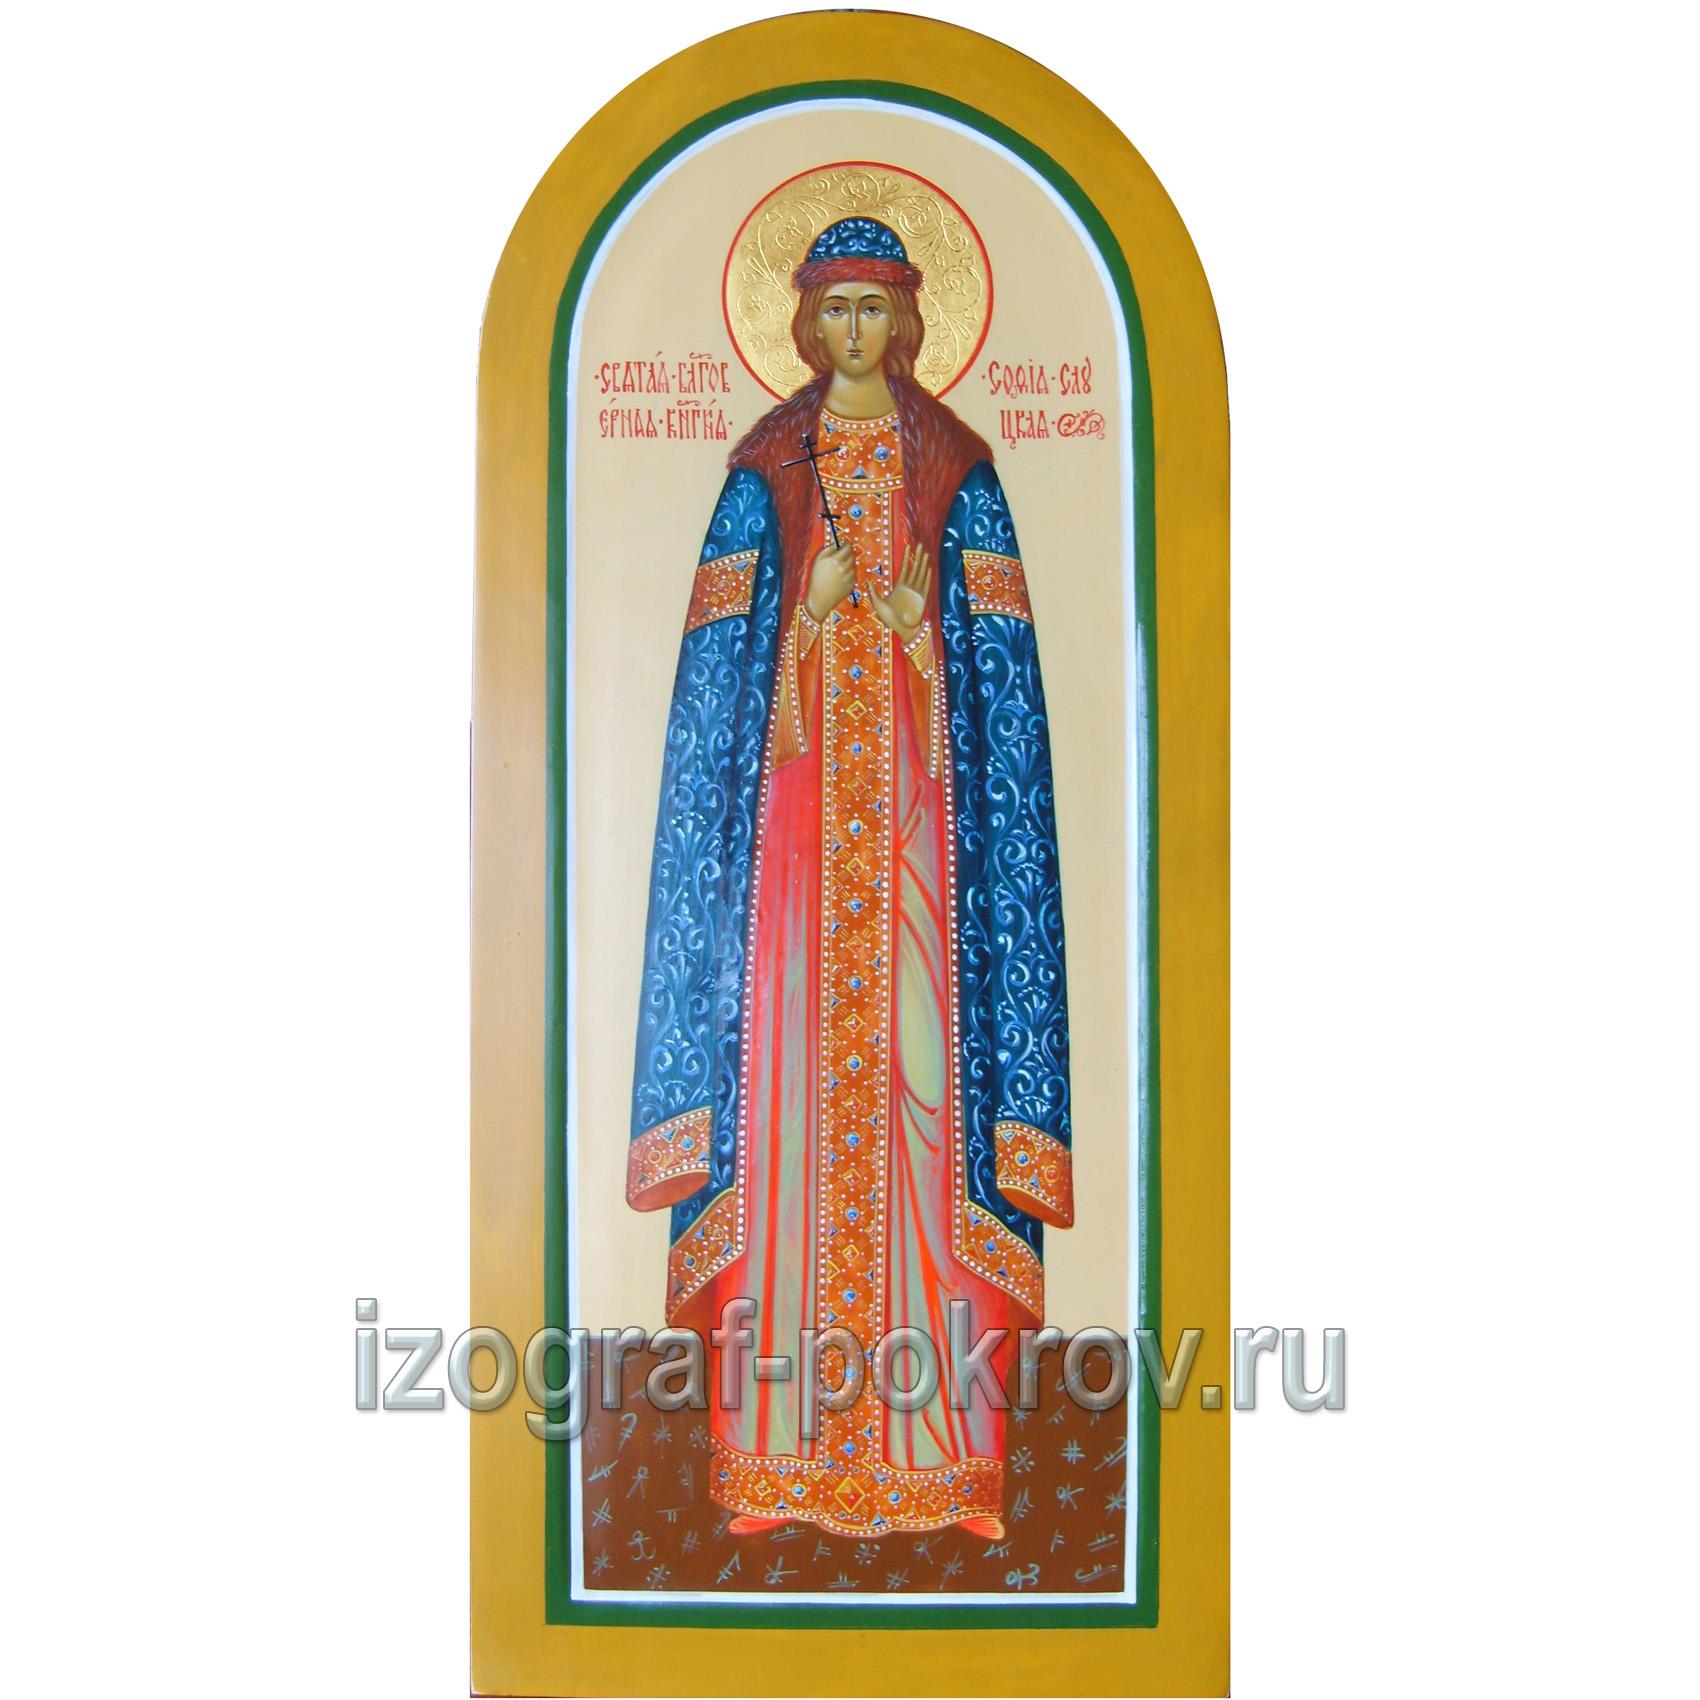 Мерная икона София Слуцкая